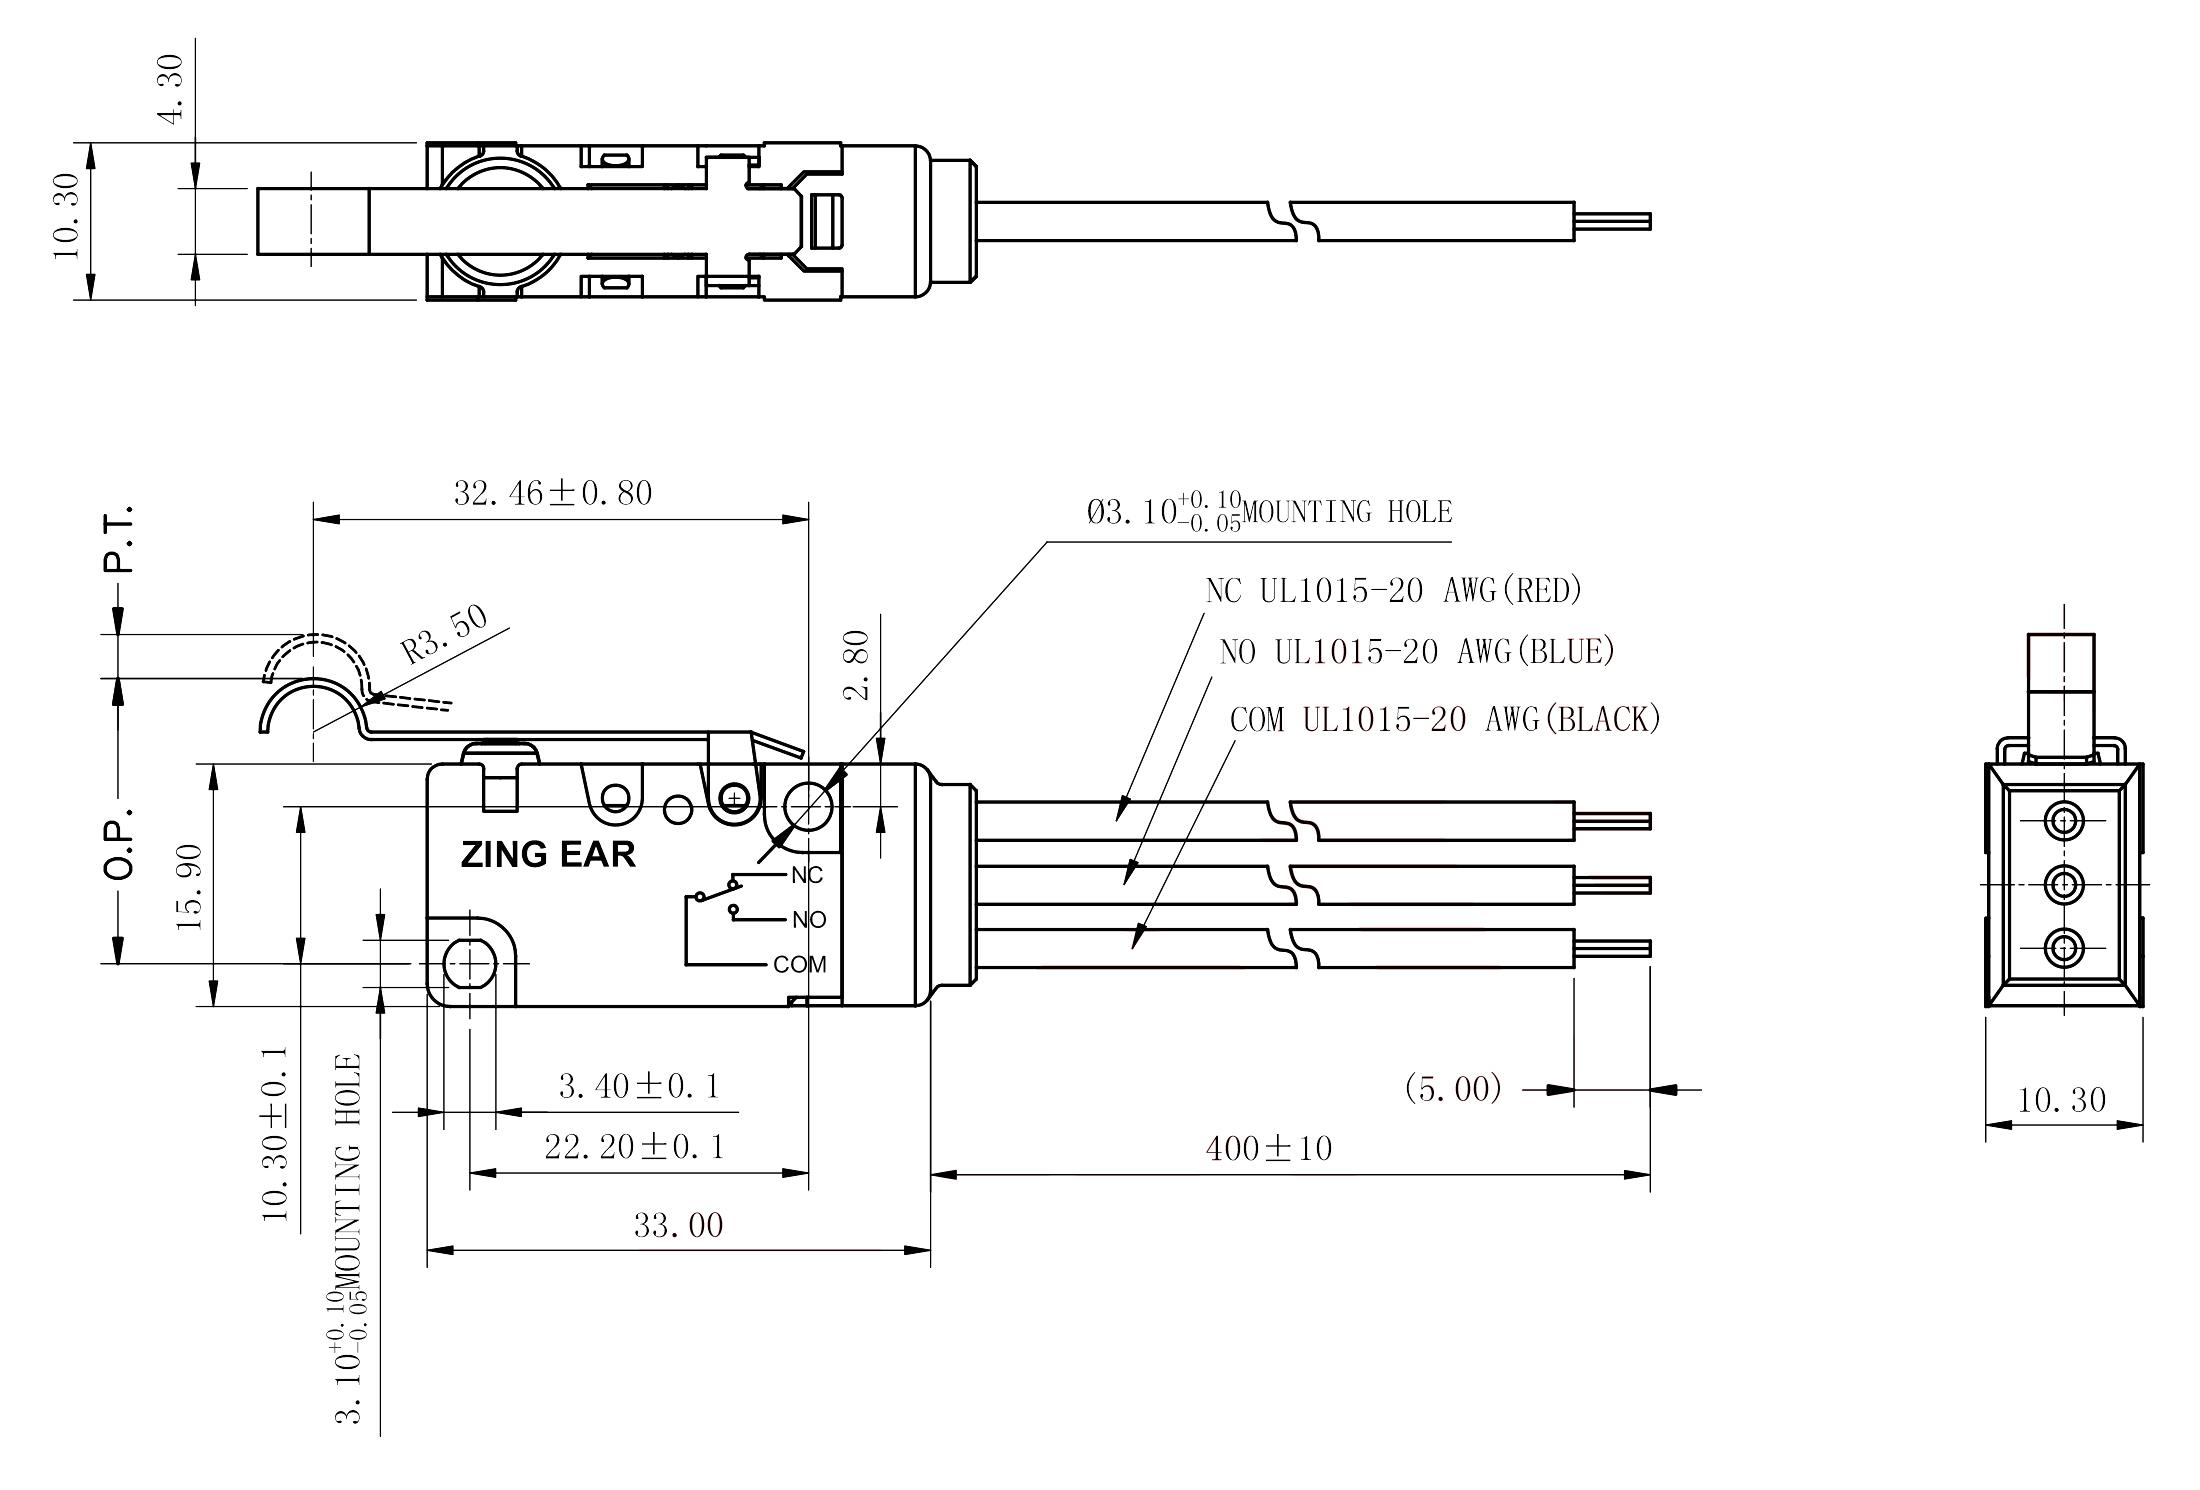 Drawing_G5W11-WZ200A04-W2400_Rev_A0